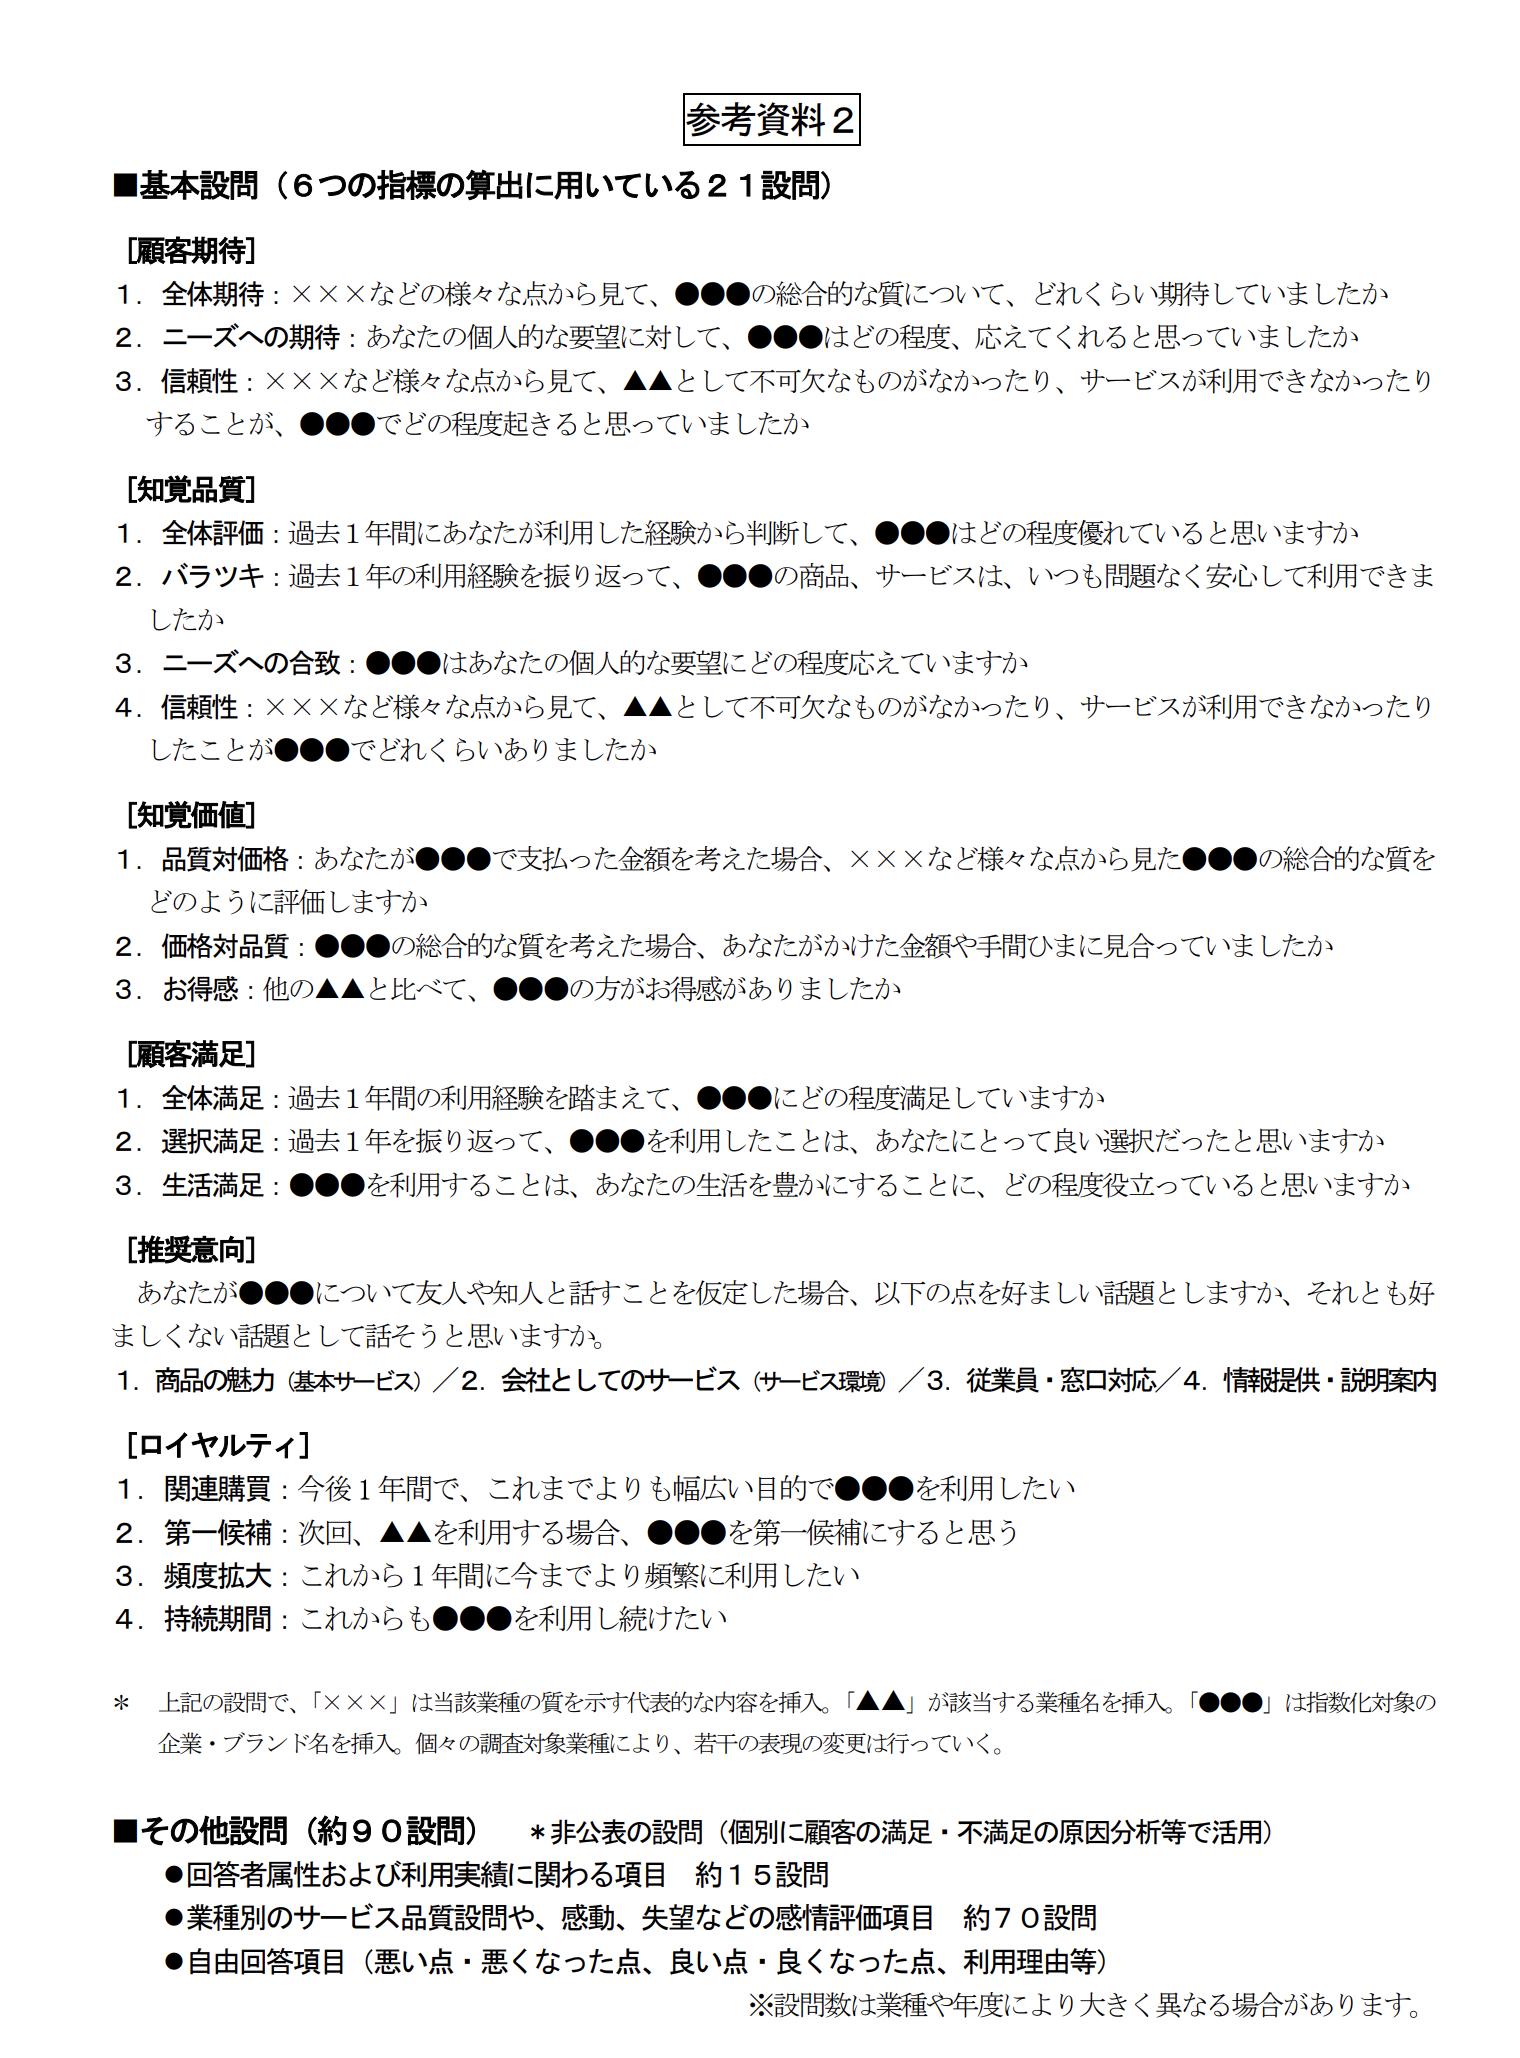 参考資料2■基本設問(6つの指標の算出に用いている21設問)